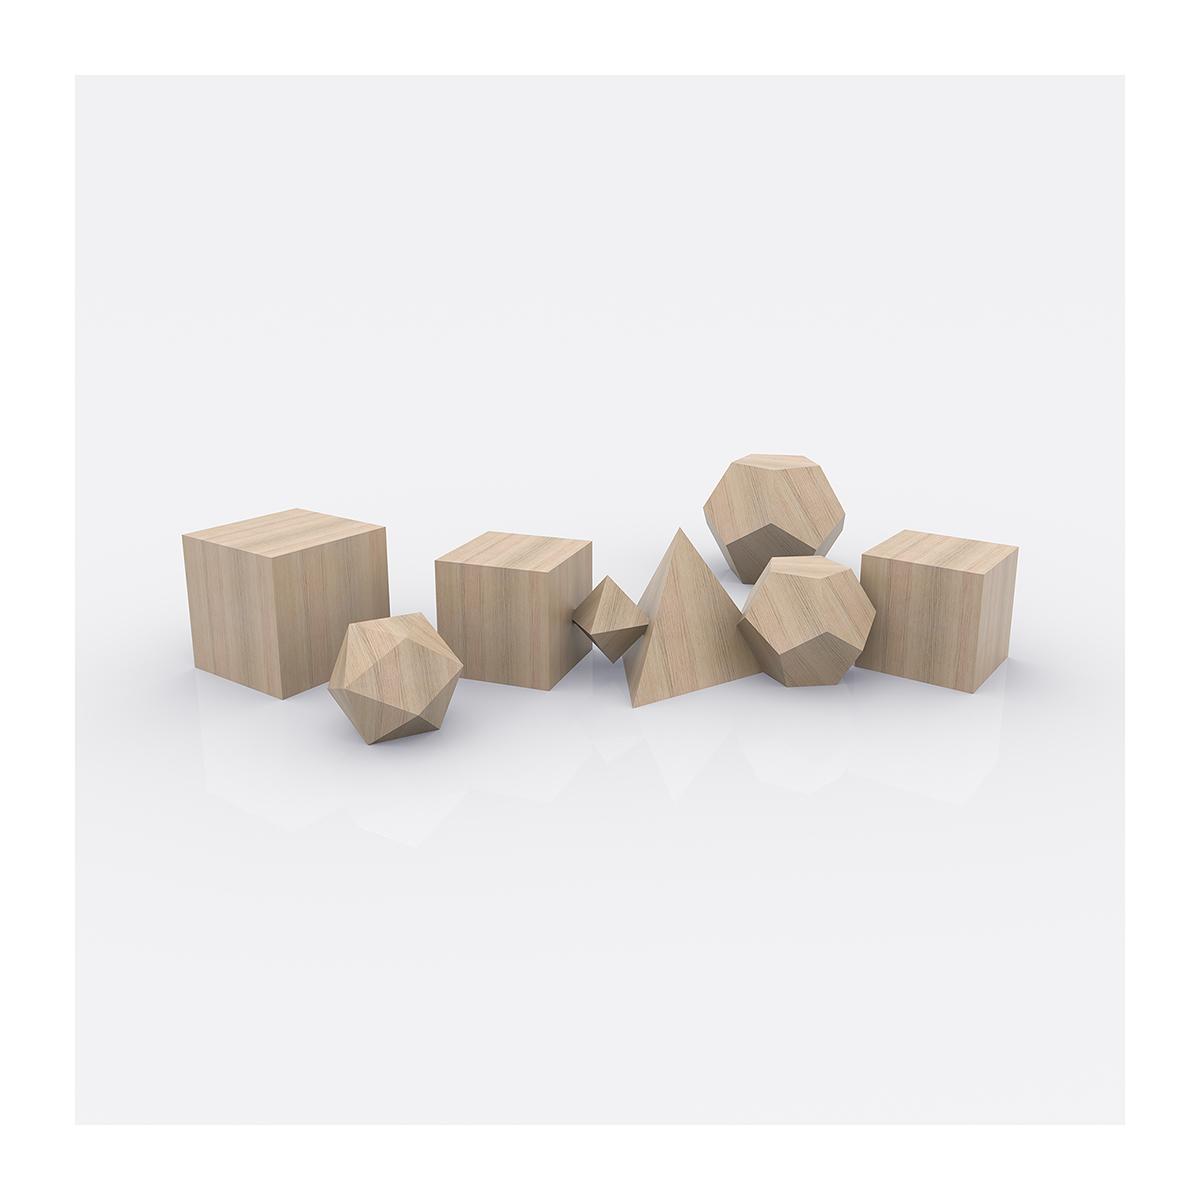 Plato Architect The Platonic Solids 005 1 - 2020 - Plato Architect. (The Platonic Solids)